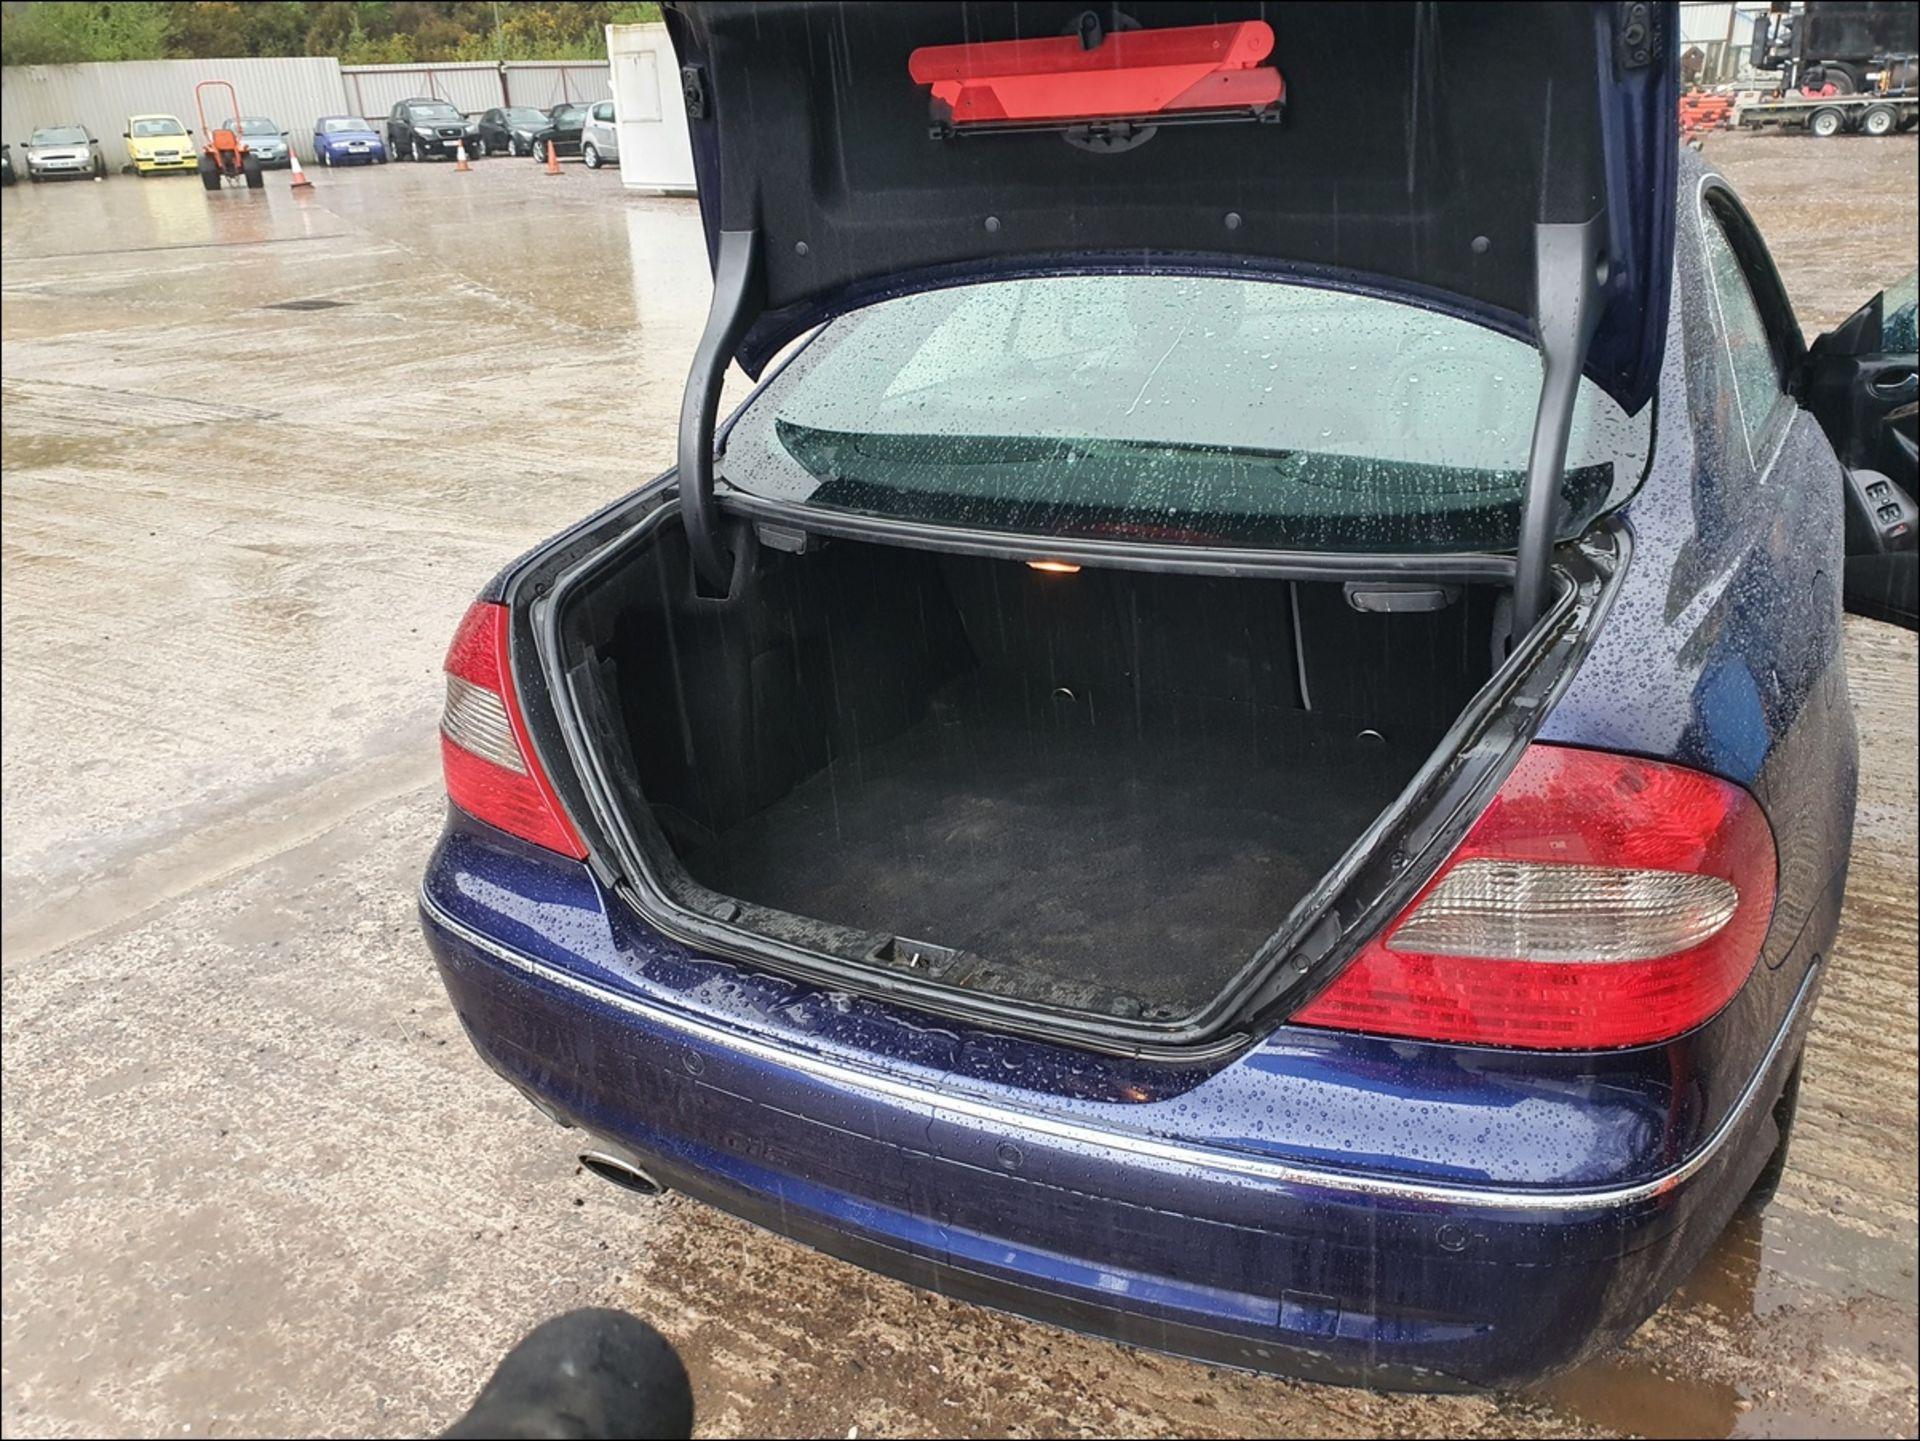 09/58 MERCEDES CLK320 CDI SPORT AUTO - 2987cc 2dr Coupe (Blue, 185k) - Image 8 of 9